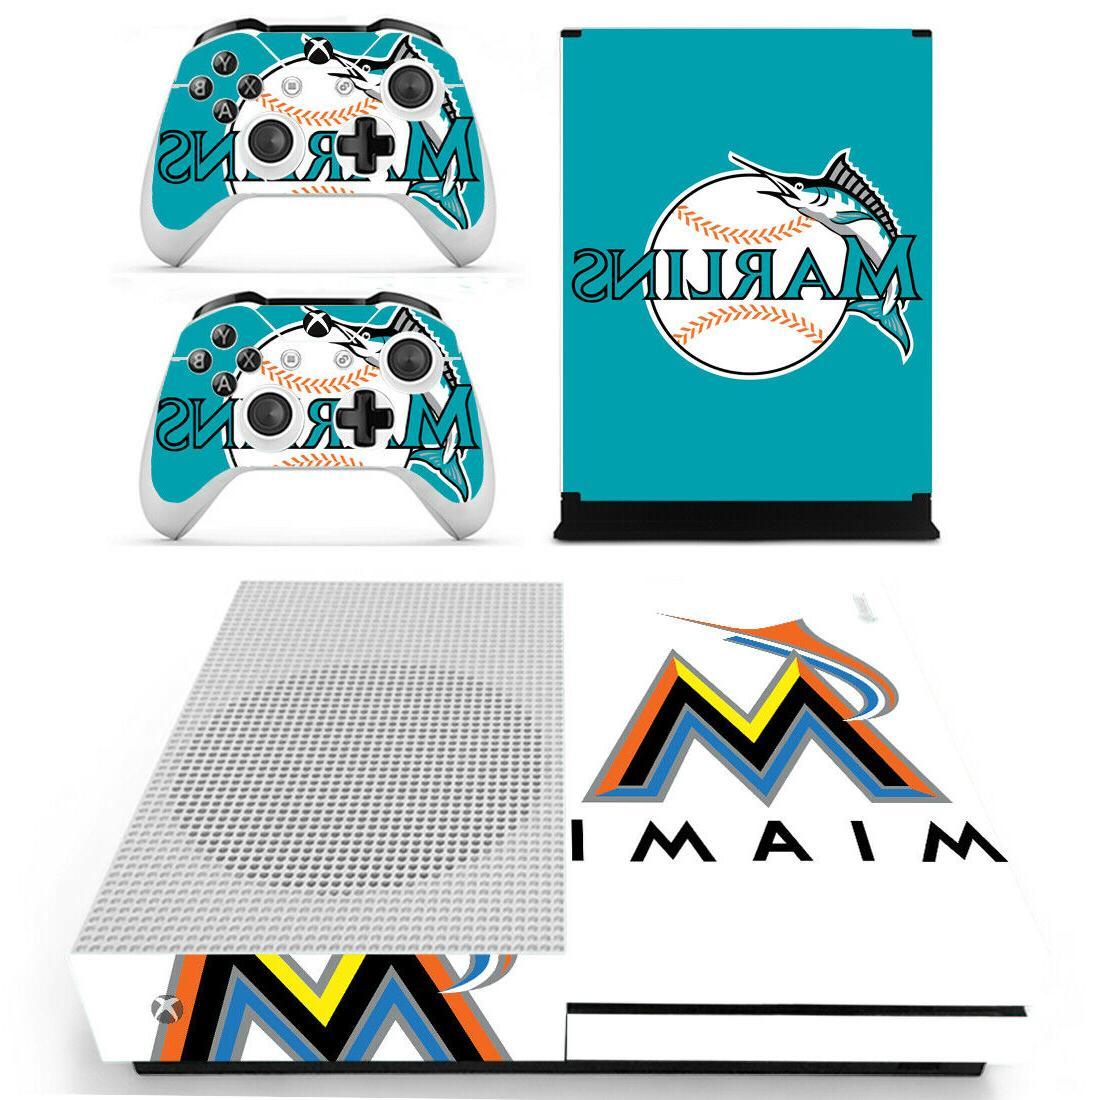 xbox one s miami marlins vinyl protector